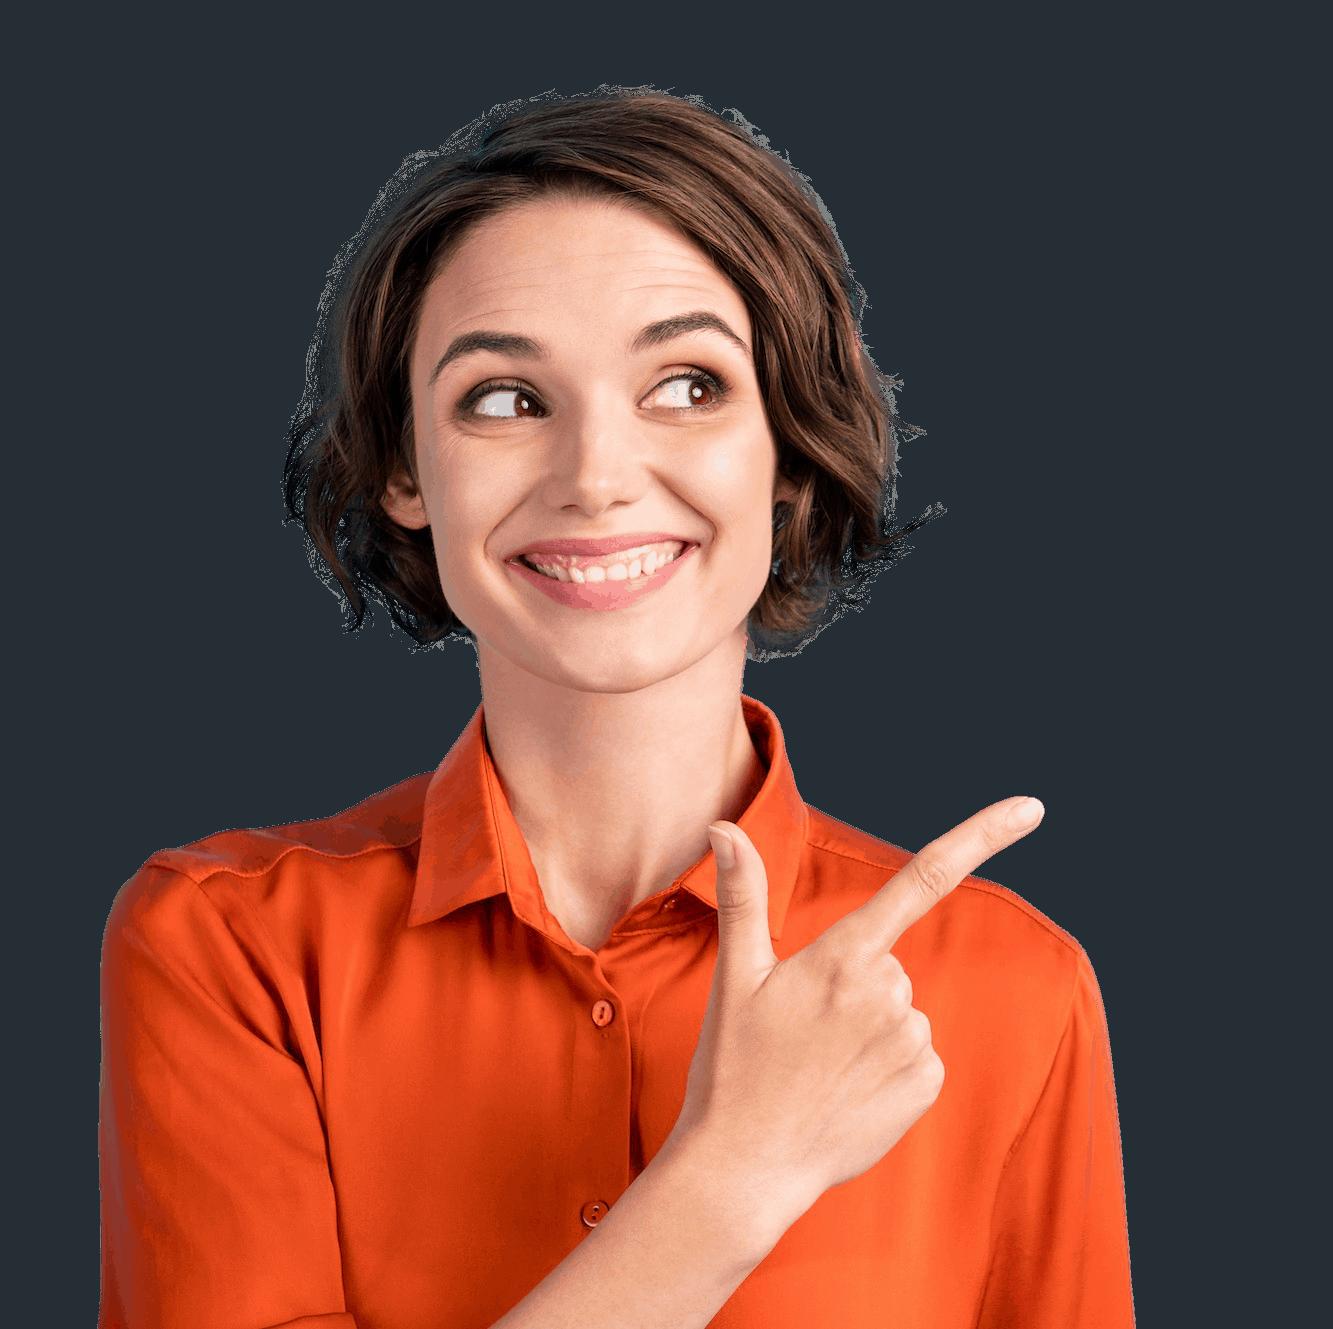 Psychothérapie à Gap femme pulle orange min